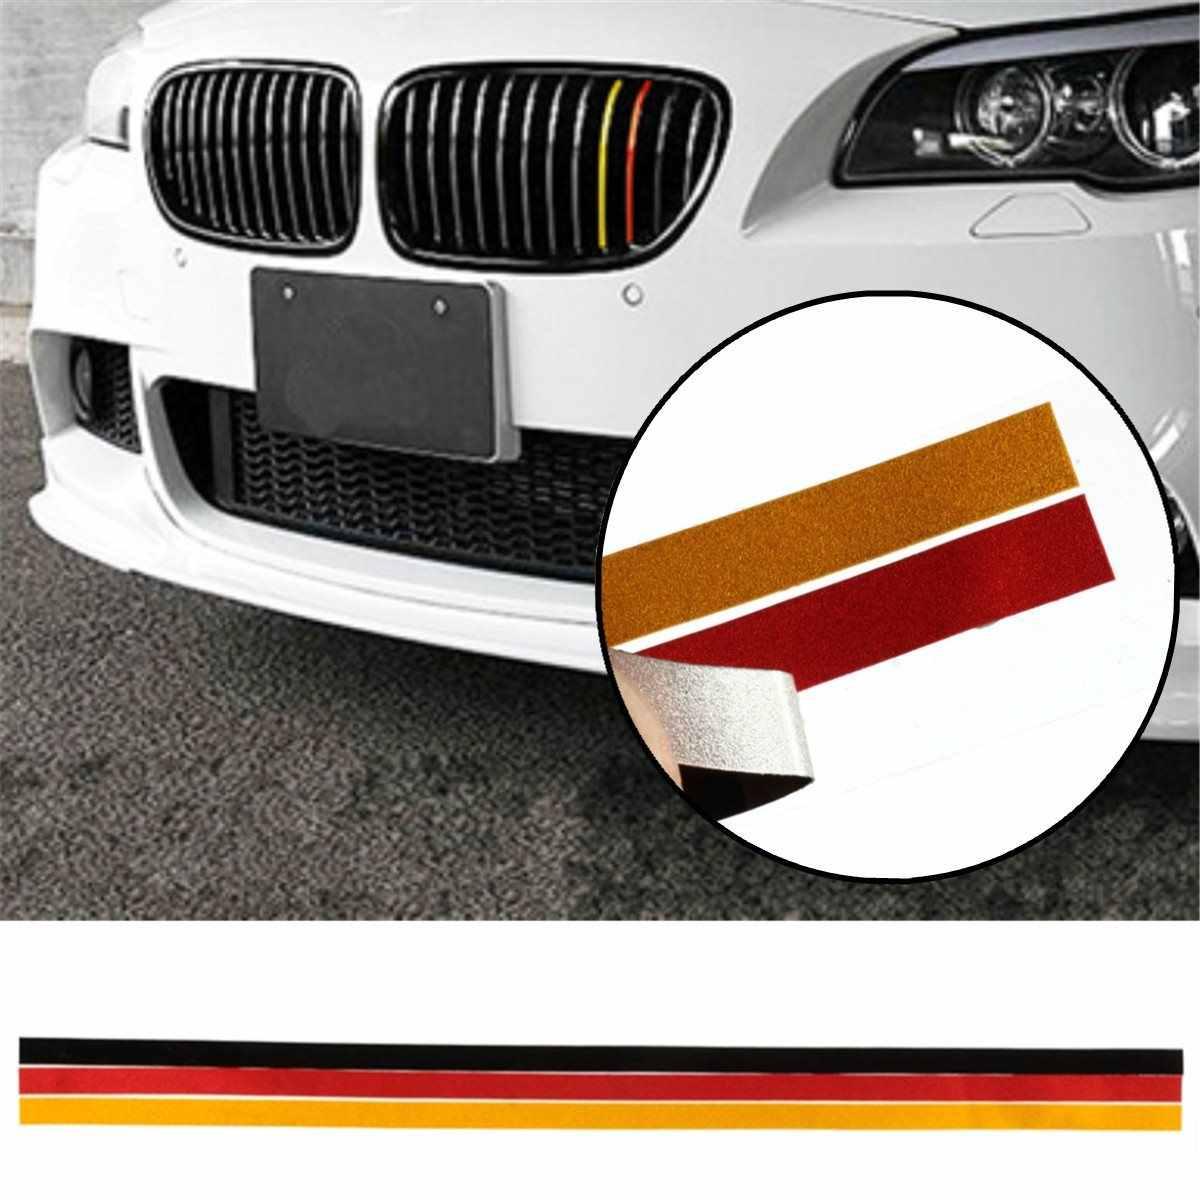 Quốc Kỳ Đức M-Thể Thao Lưới Tản Nhiệt Nướng Vincy Dây Dán Decal Cho Xe BMW/M3/M5/E46/ e90